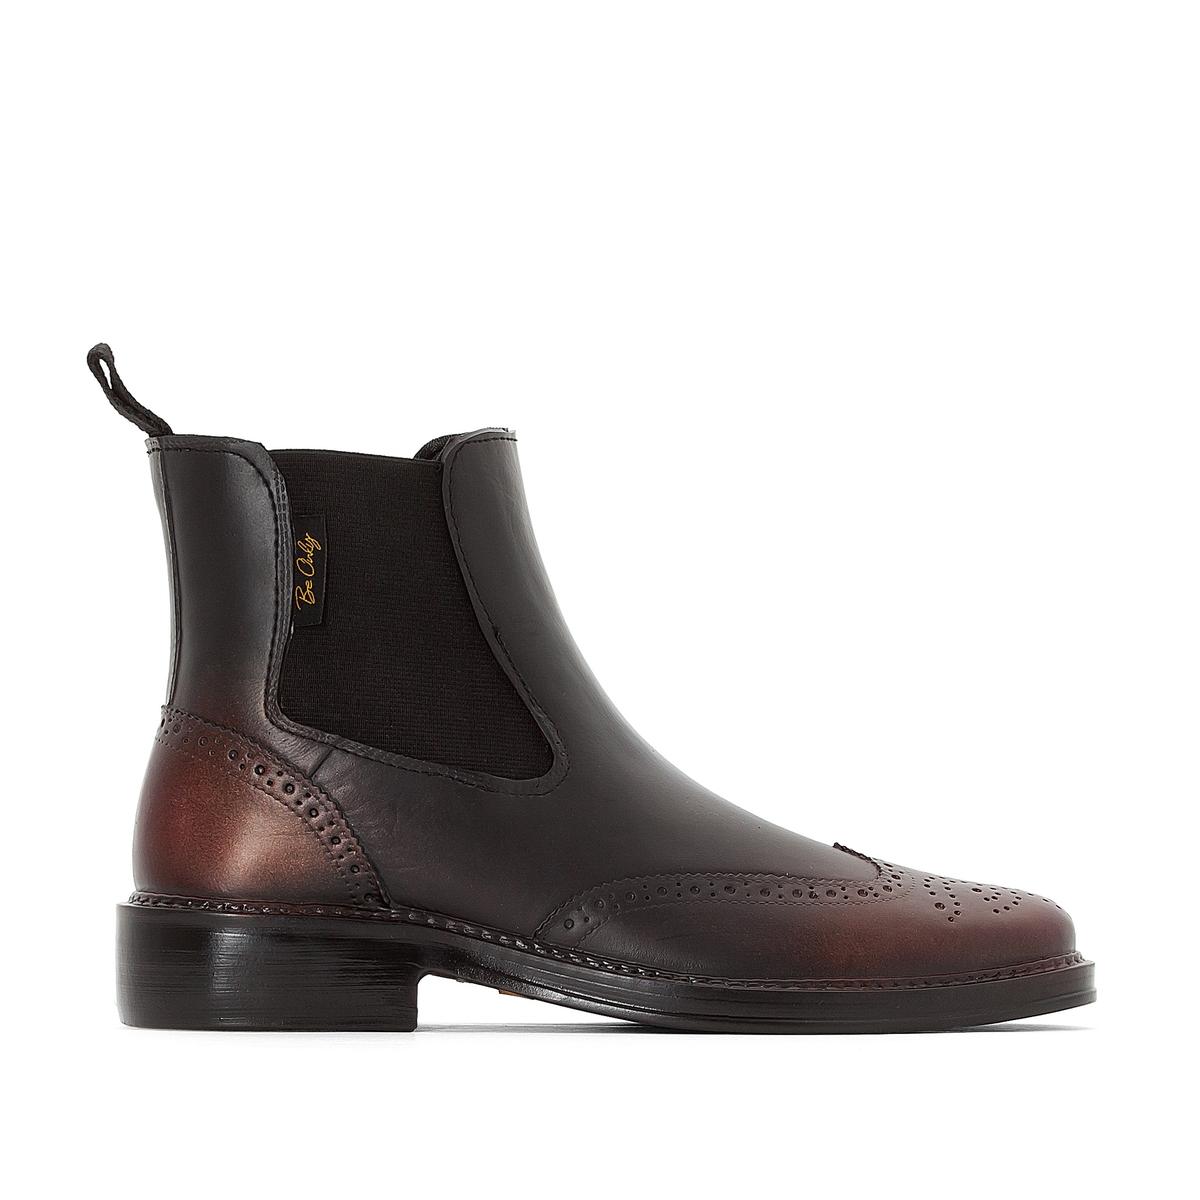 Ботинки непромокаемые Julietta